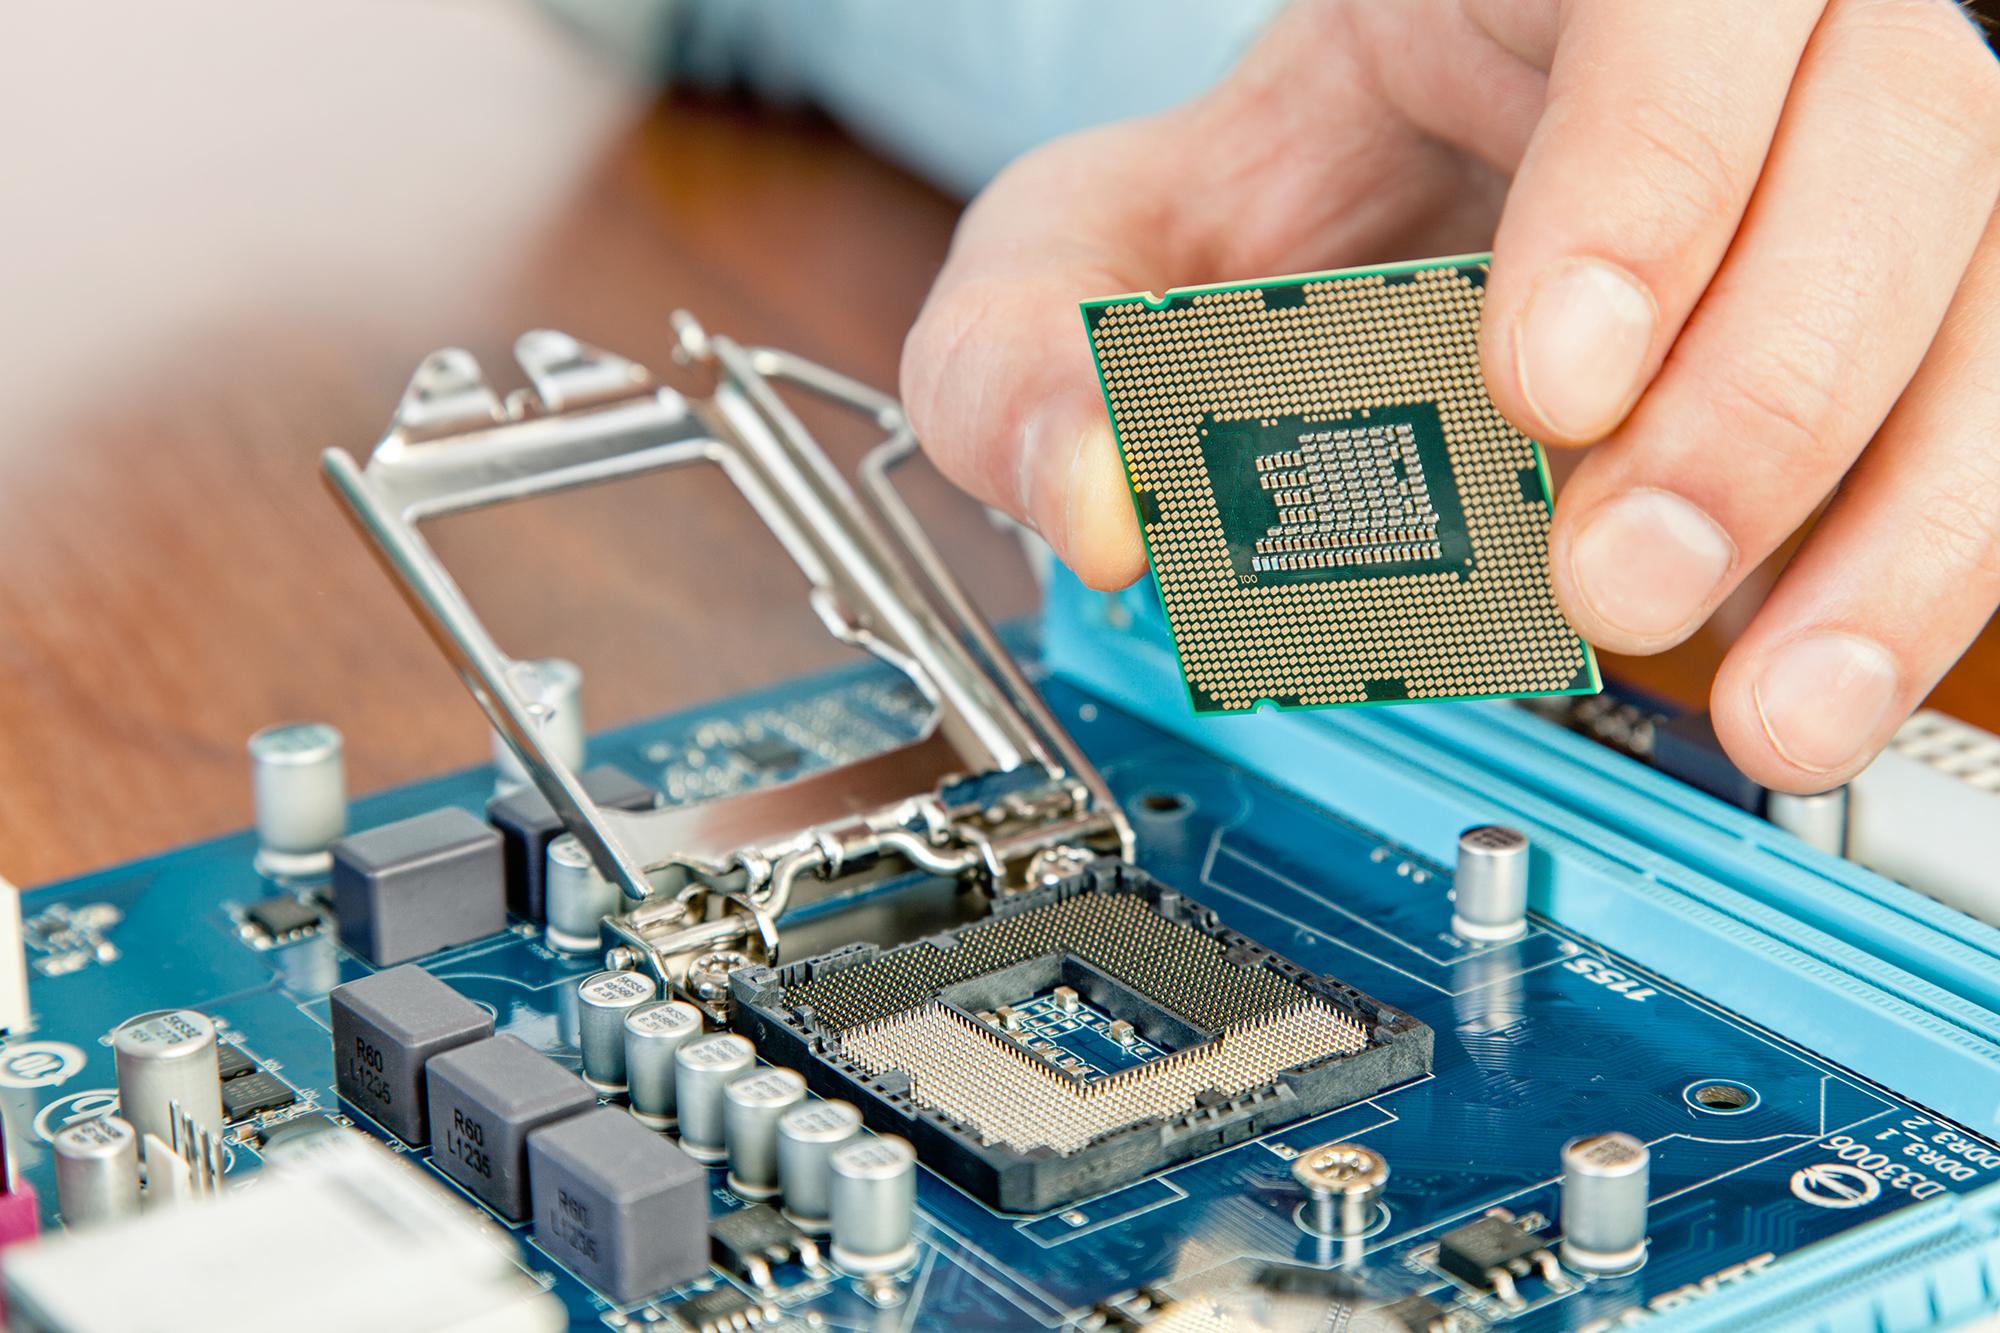 Curso de Técnico de Informática (Manutenção e Reparação)